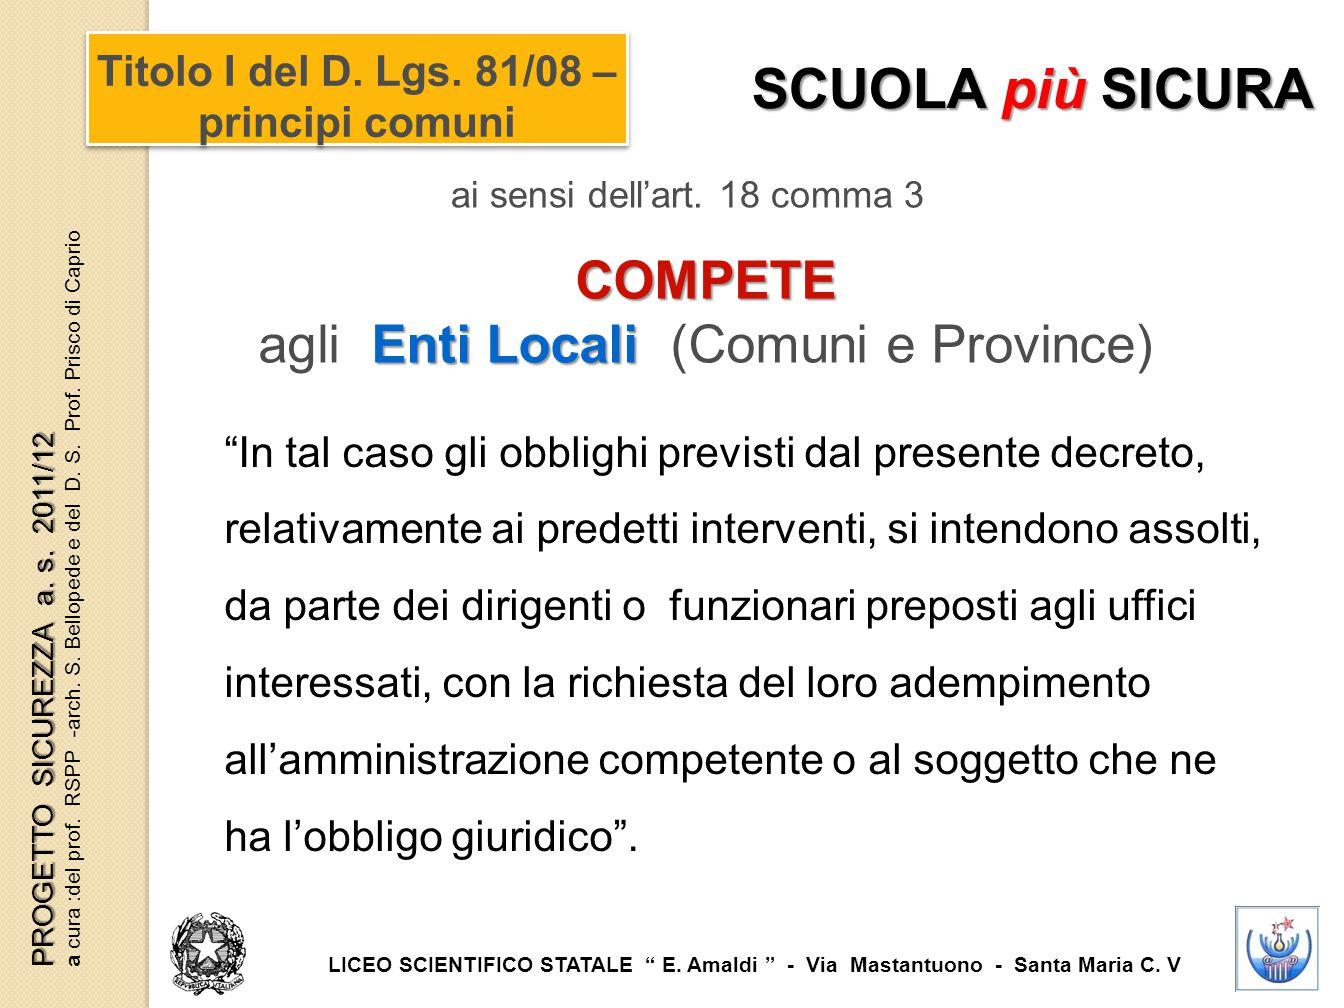 Titolo I del D. Lgs. 81/08 – principi comuni ai sensi dell'art. 18 comma 3 COMPETE Enti Locali agli Enti Locali (Comuni e Province) SCUOLA più SICURA